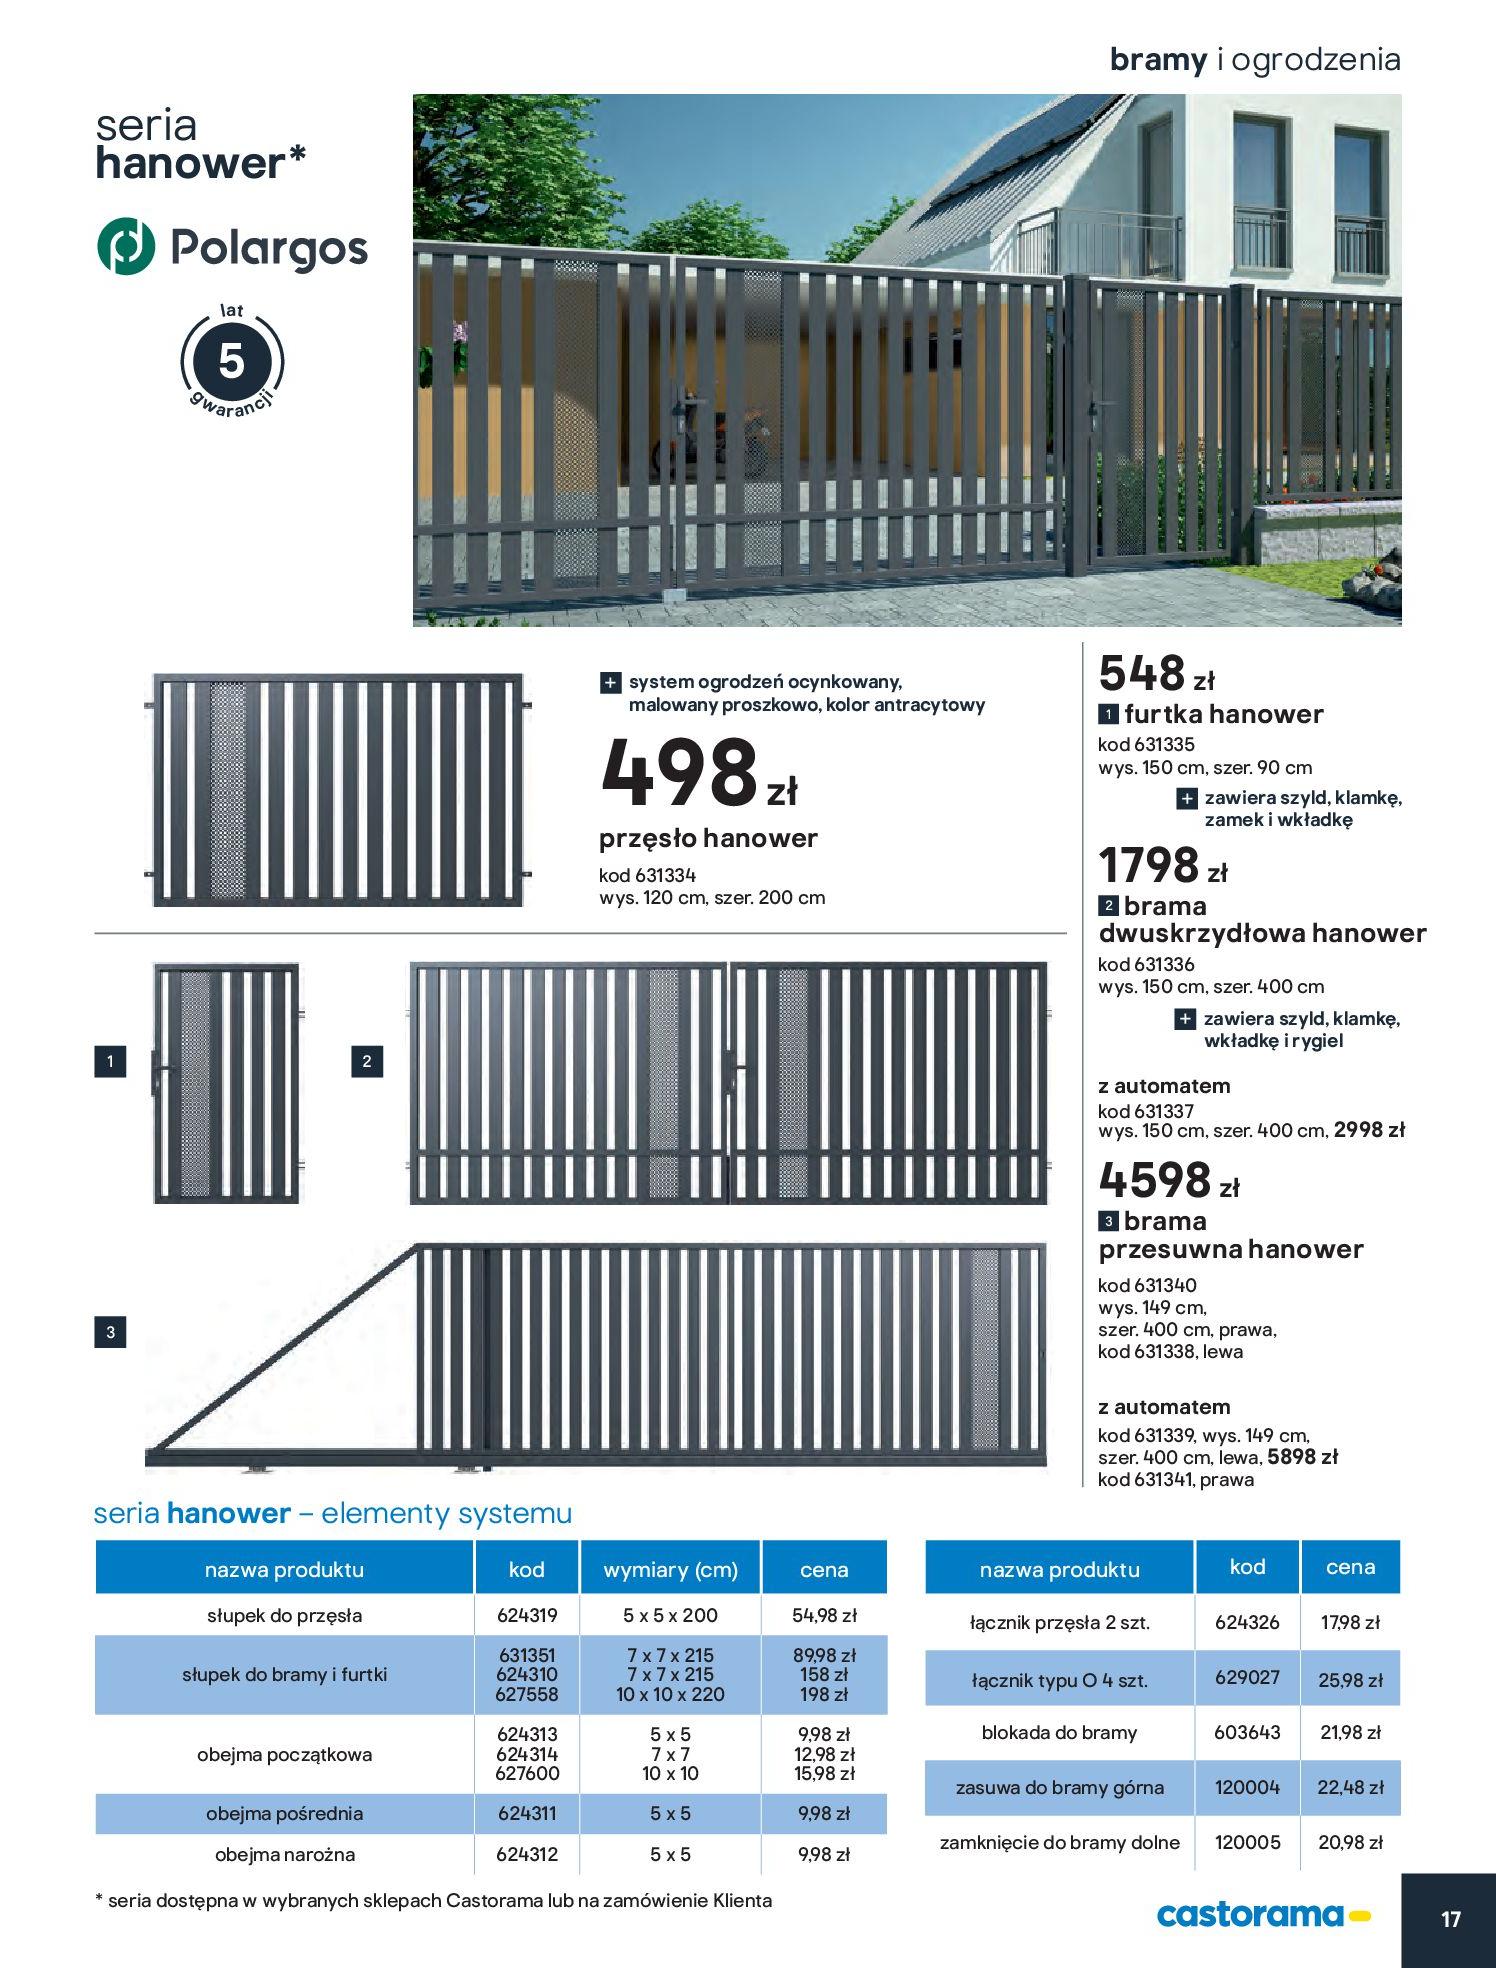 Gazetka Castorama - Przewodnik bramy i ogrodzenia-12.02.2020-30.06.2020-page-17